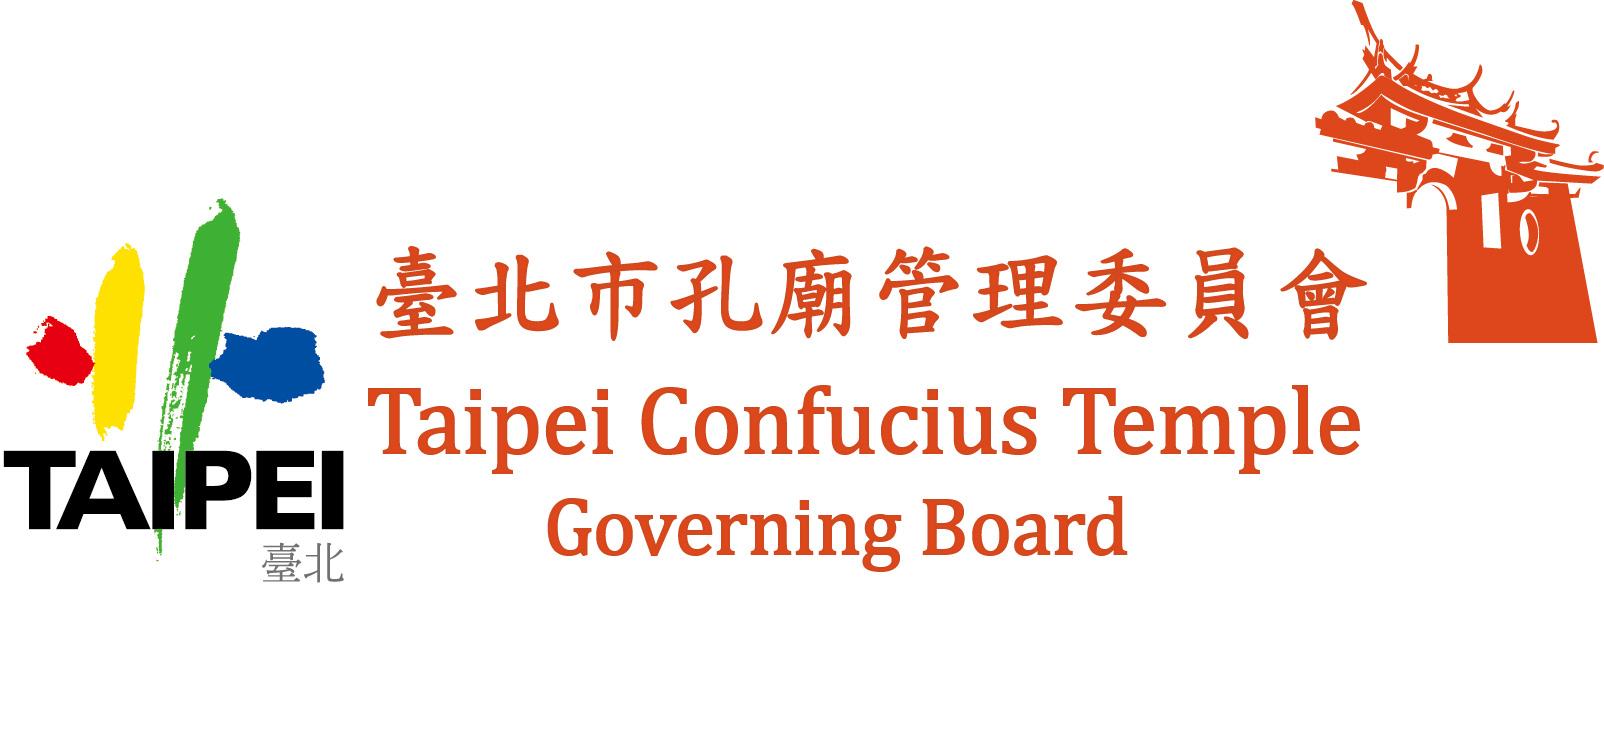 臺北市孔廟管理委員會(點選會開啟新視窗)